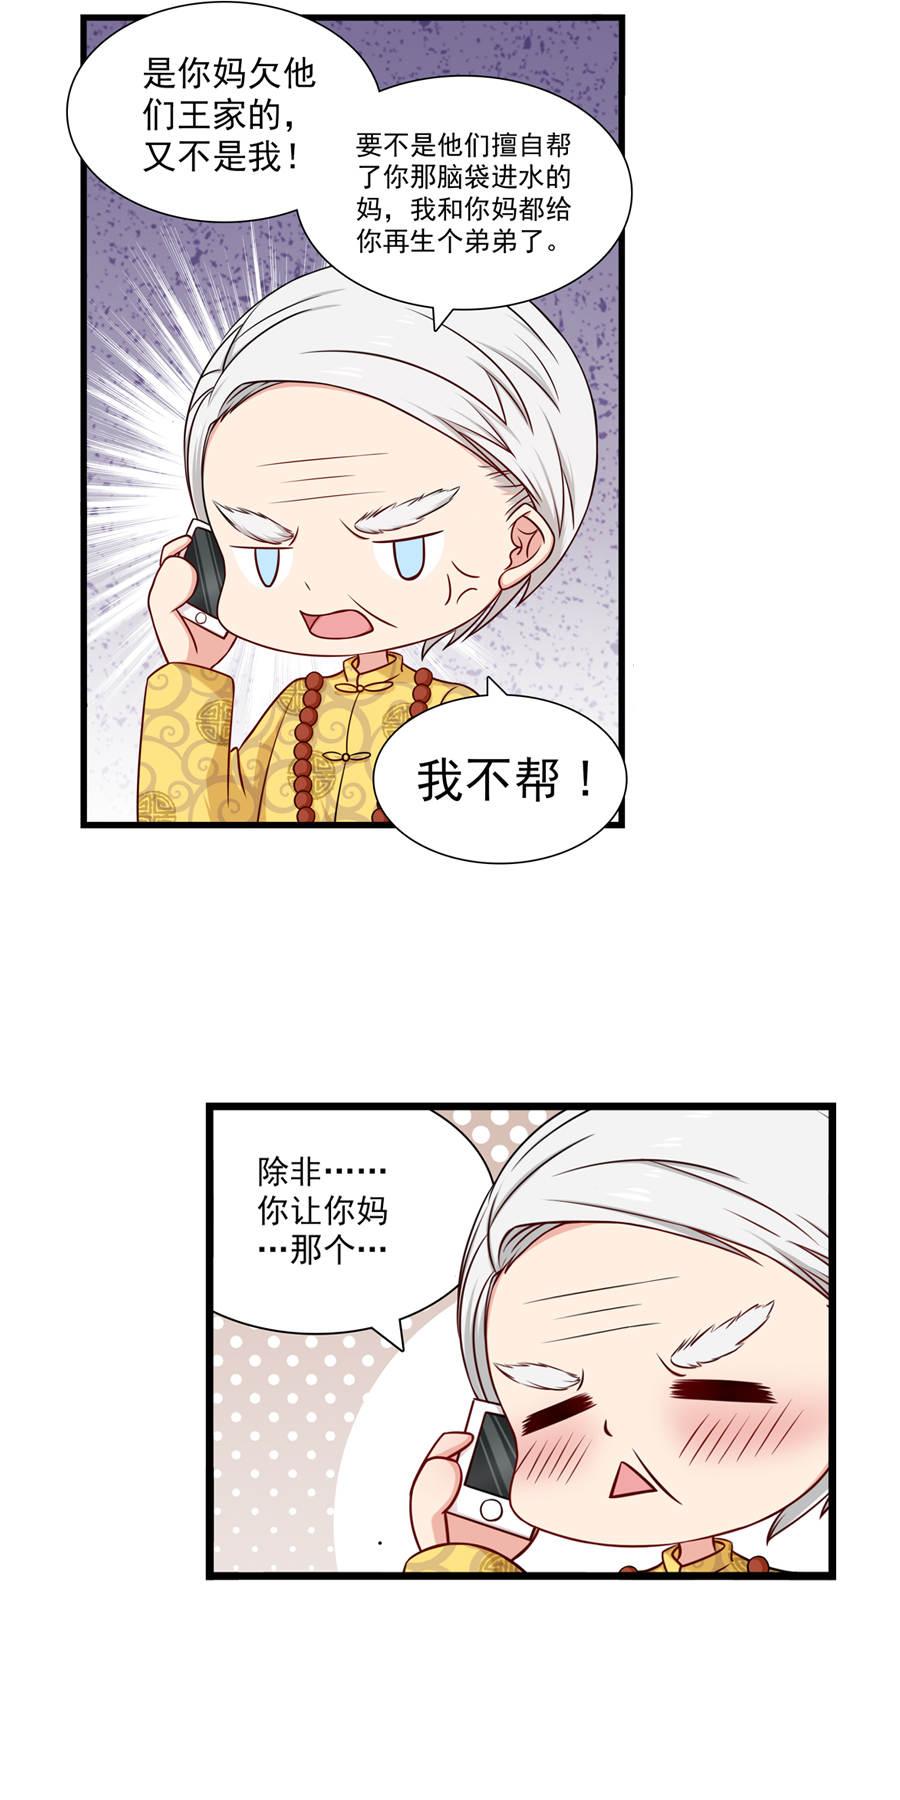 指染成婚第135话  逼婚(快来领奖!) 第 4